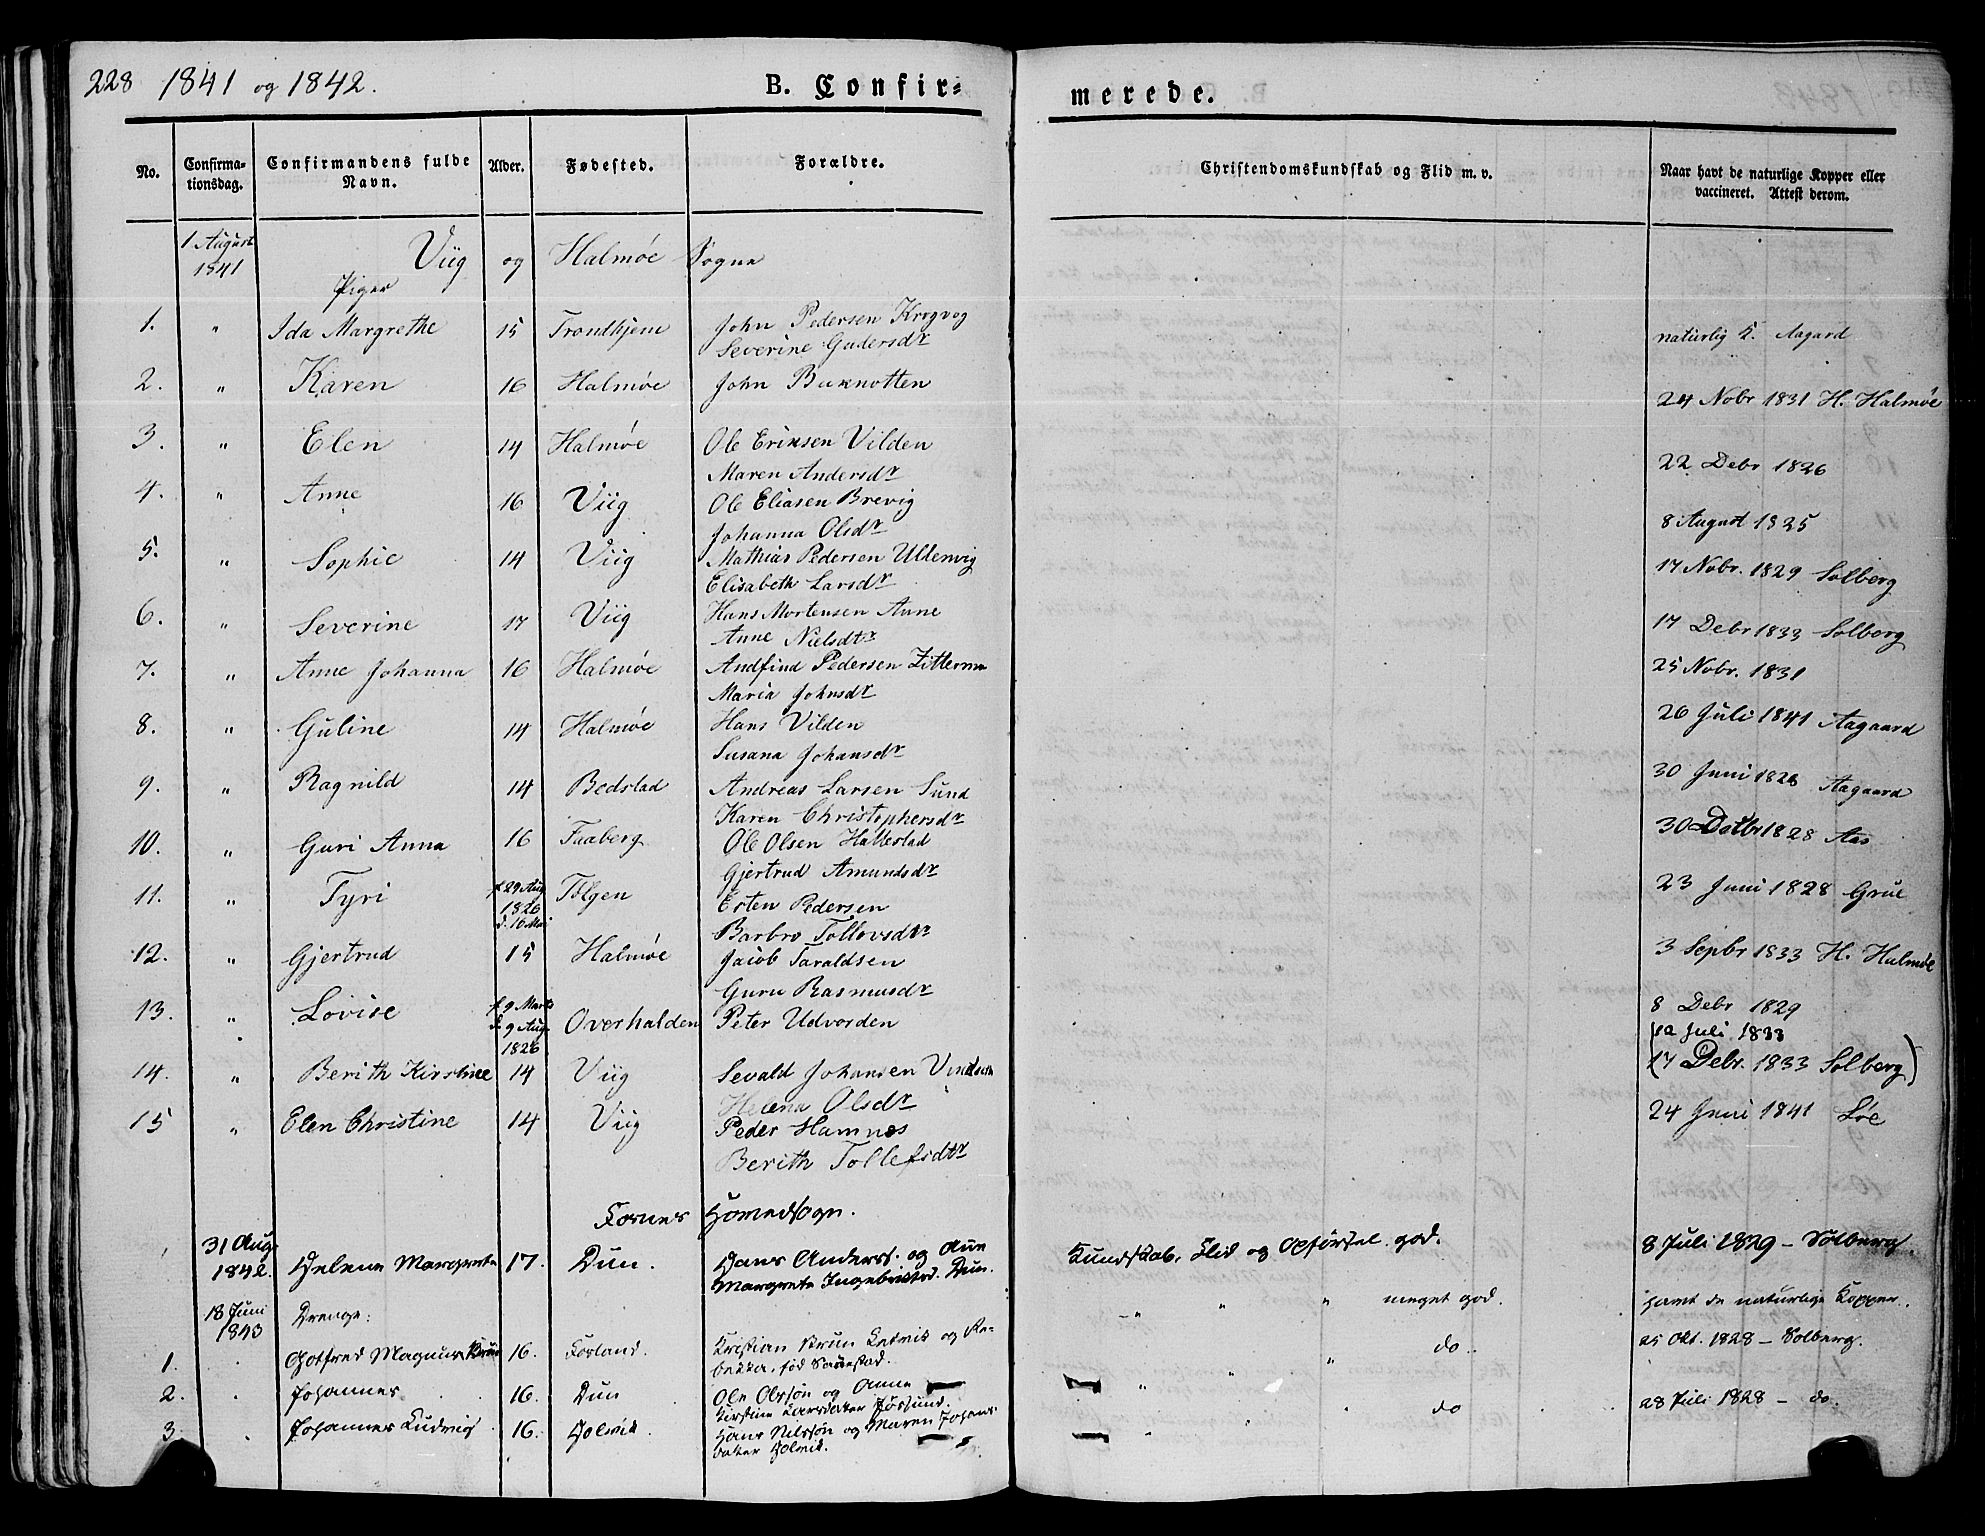 SAT, Ministerialprotokoller, klokkerbøker og fødselsregistre - Nord-Trøndelag, 773/L0614: Ministerialbok nr. 773A05, 1831-1856, s. 228